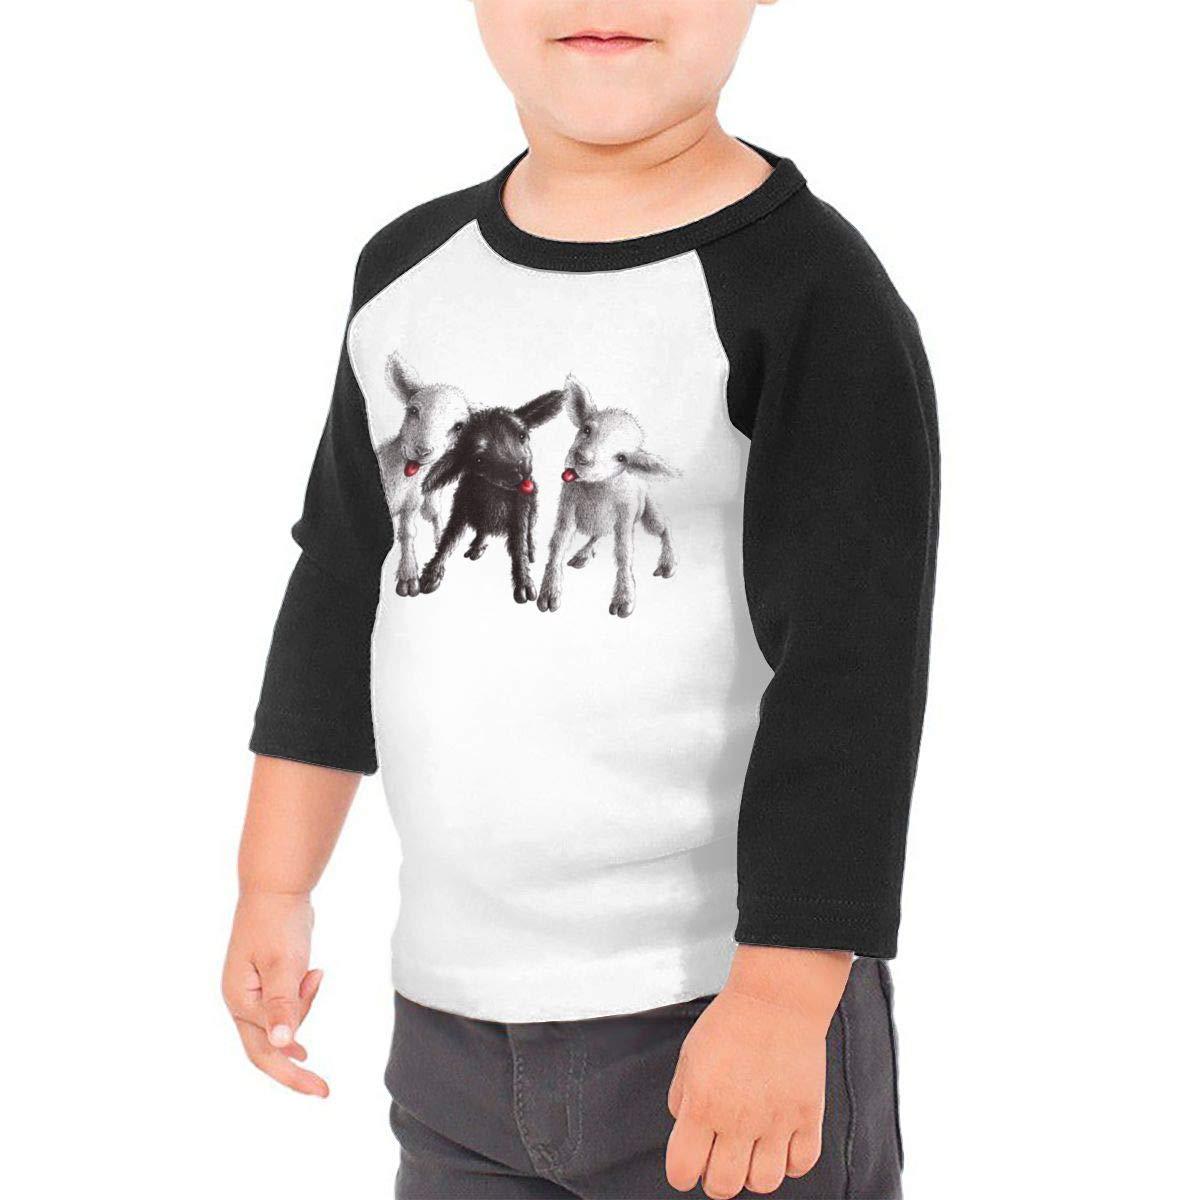 Kocvbng I Naughty Goats Raglan 3//4 Sleeve T Shirts for Girl Boy